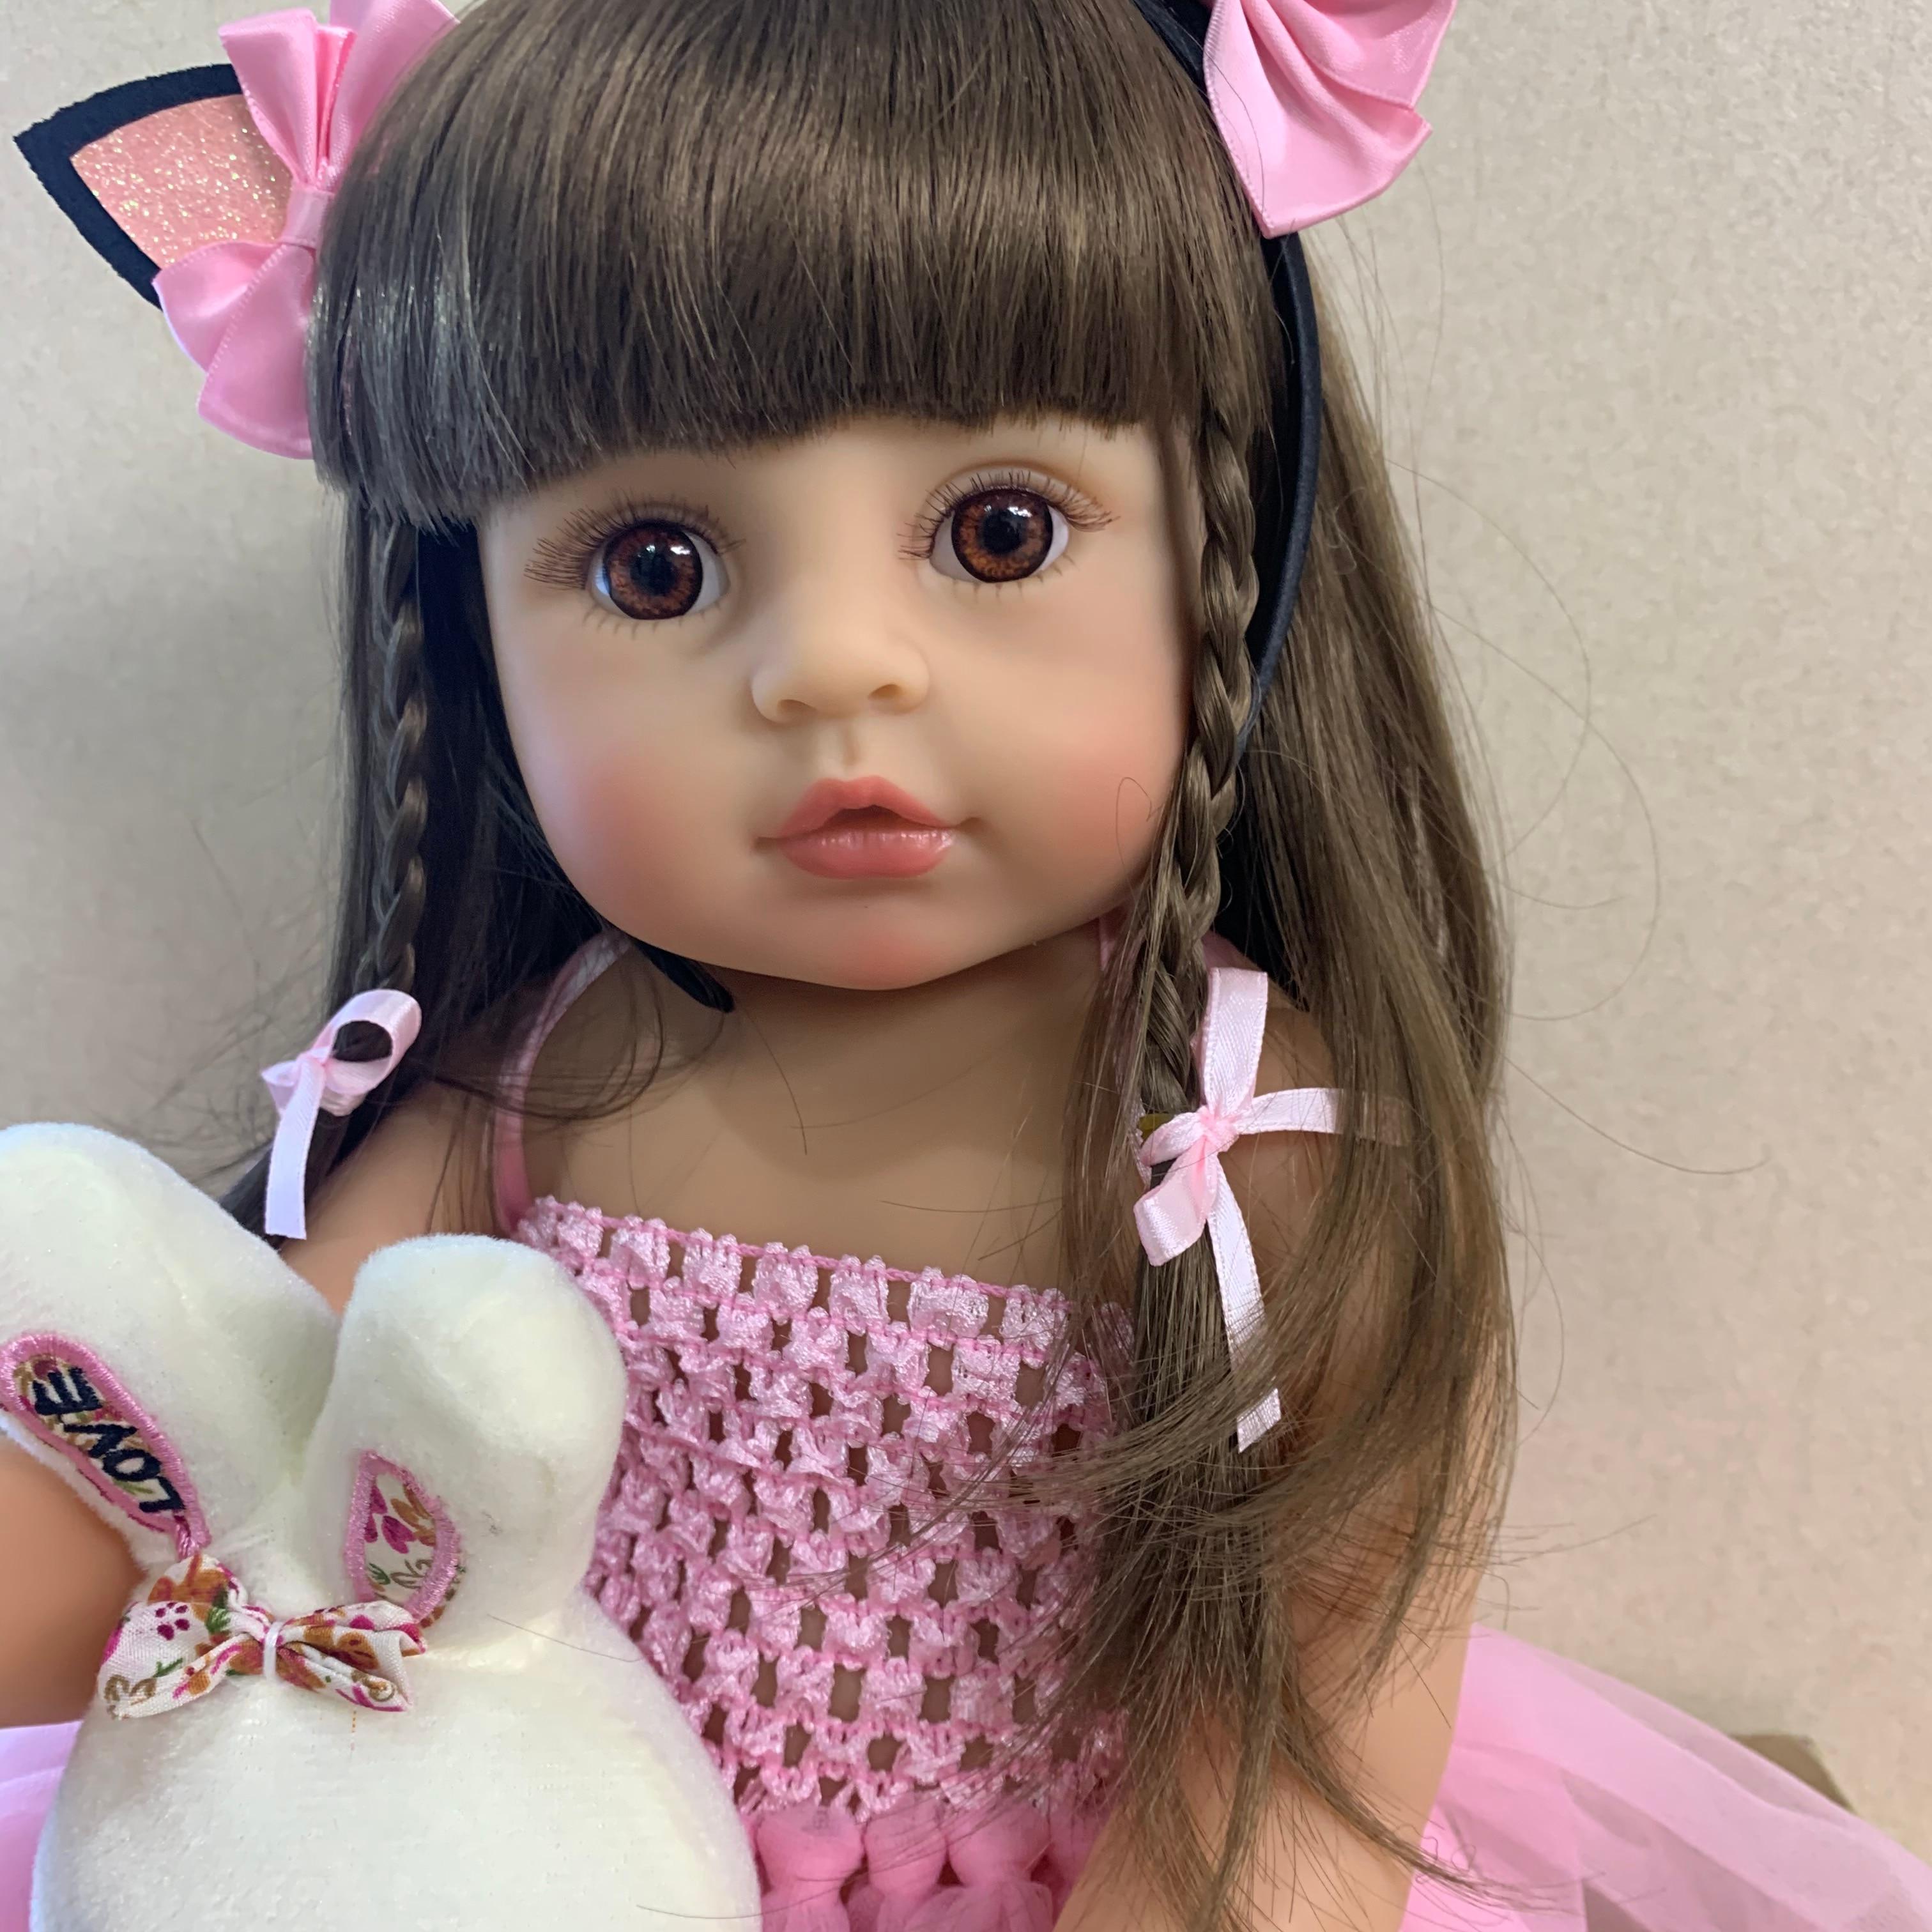 Новинка, оригинальное милое лицо, NPK bebe, кукла, Реборн, для маленьких девочек, розовая принцесса, baty, игрушка, очень мягкий, полный корпус, силиконовая кукла для девочек, surprice Куклы      АлиЭкспресс